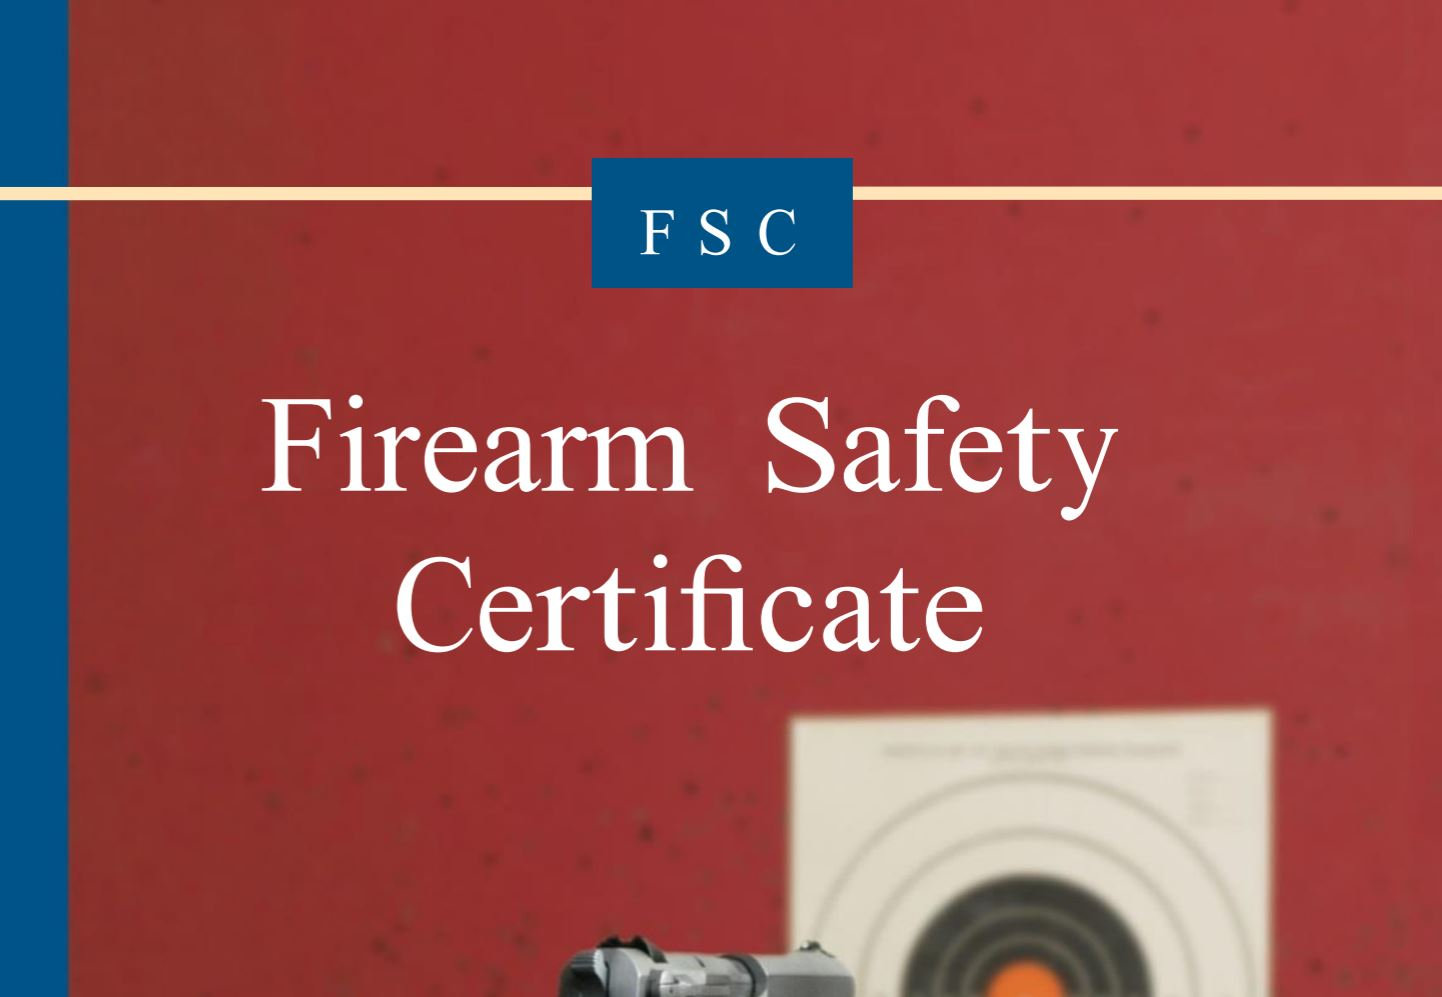 Test - Firearm Safety Certificate (FSC)